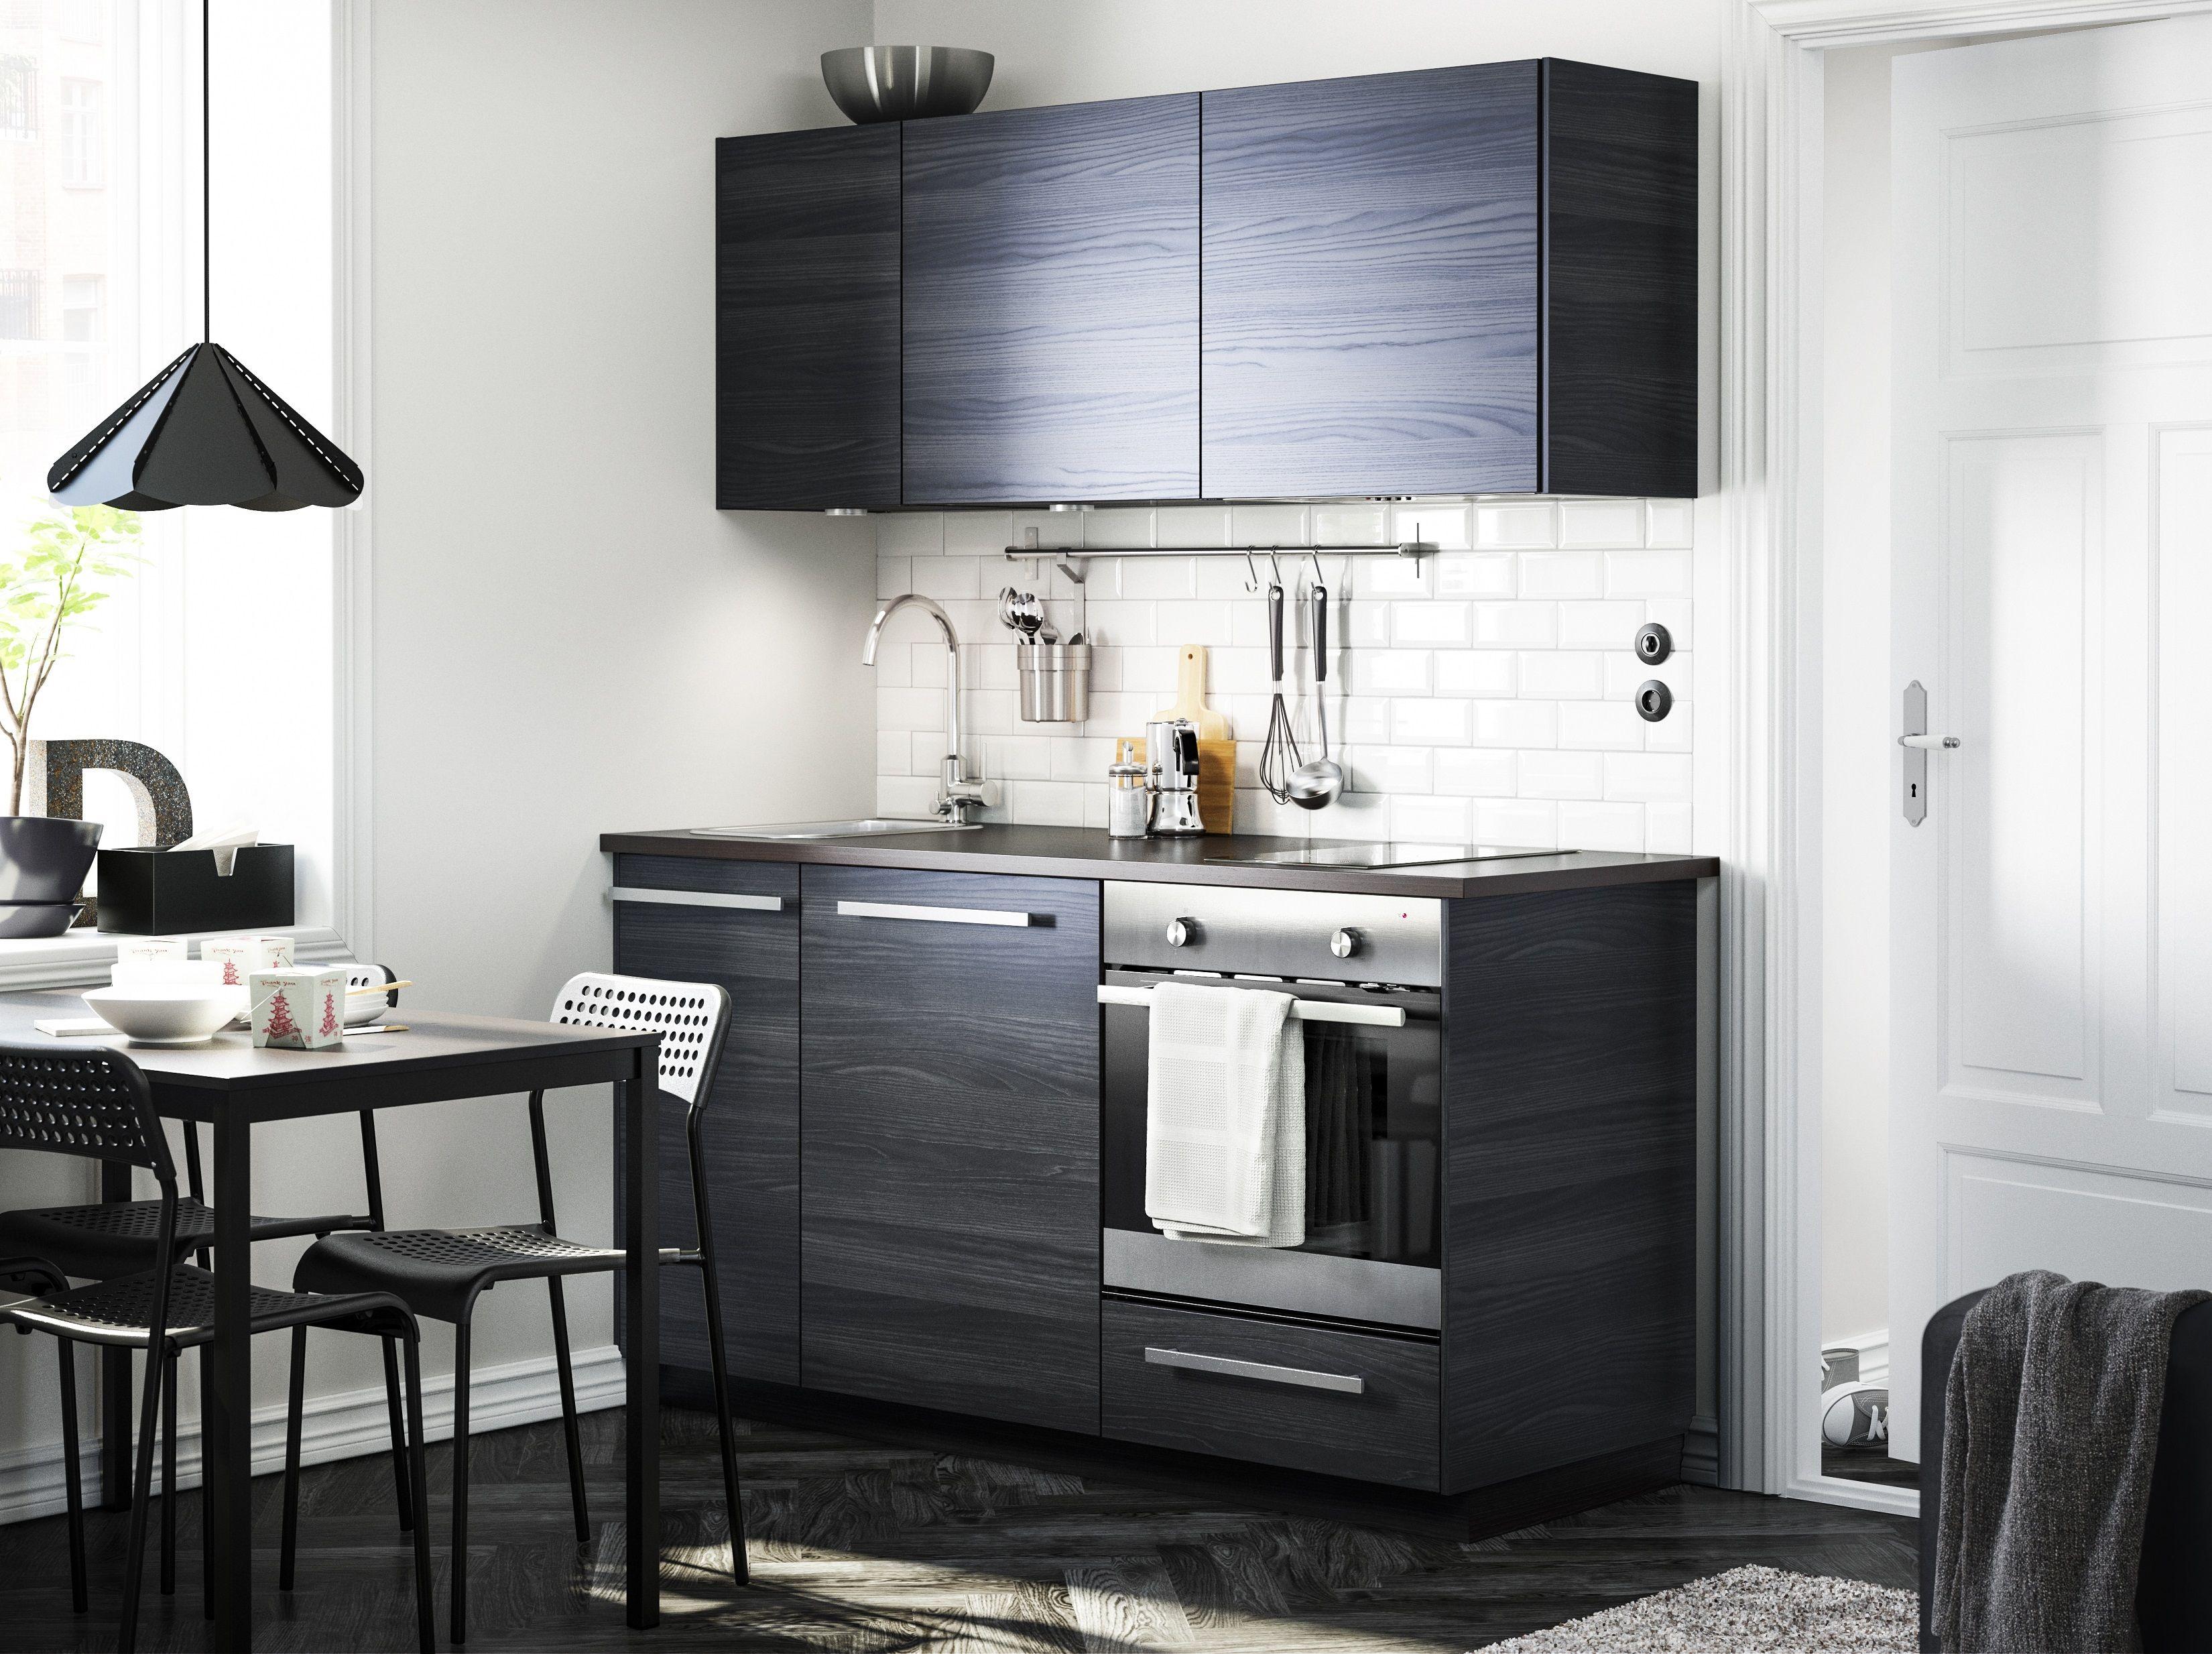 Metod Keuken Ikea : Ikea küche metod grevsta wall cabinet with shelves metod white